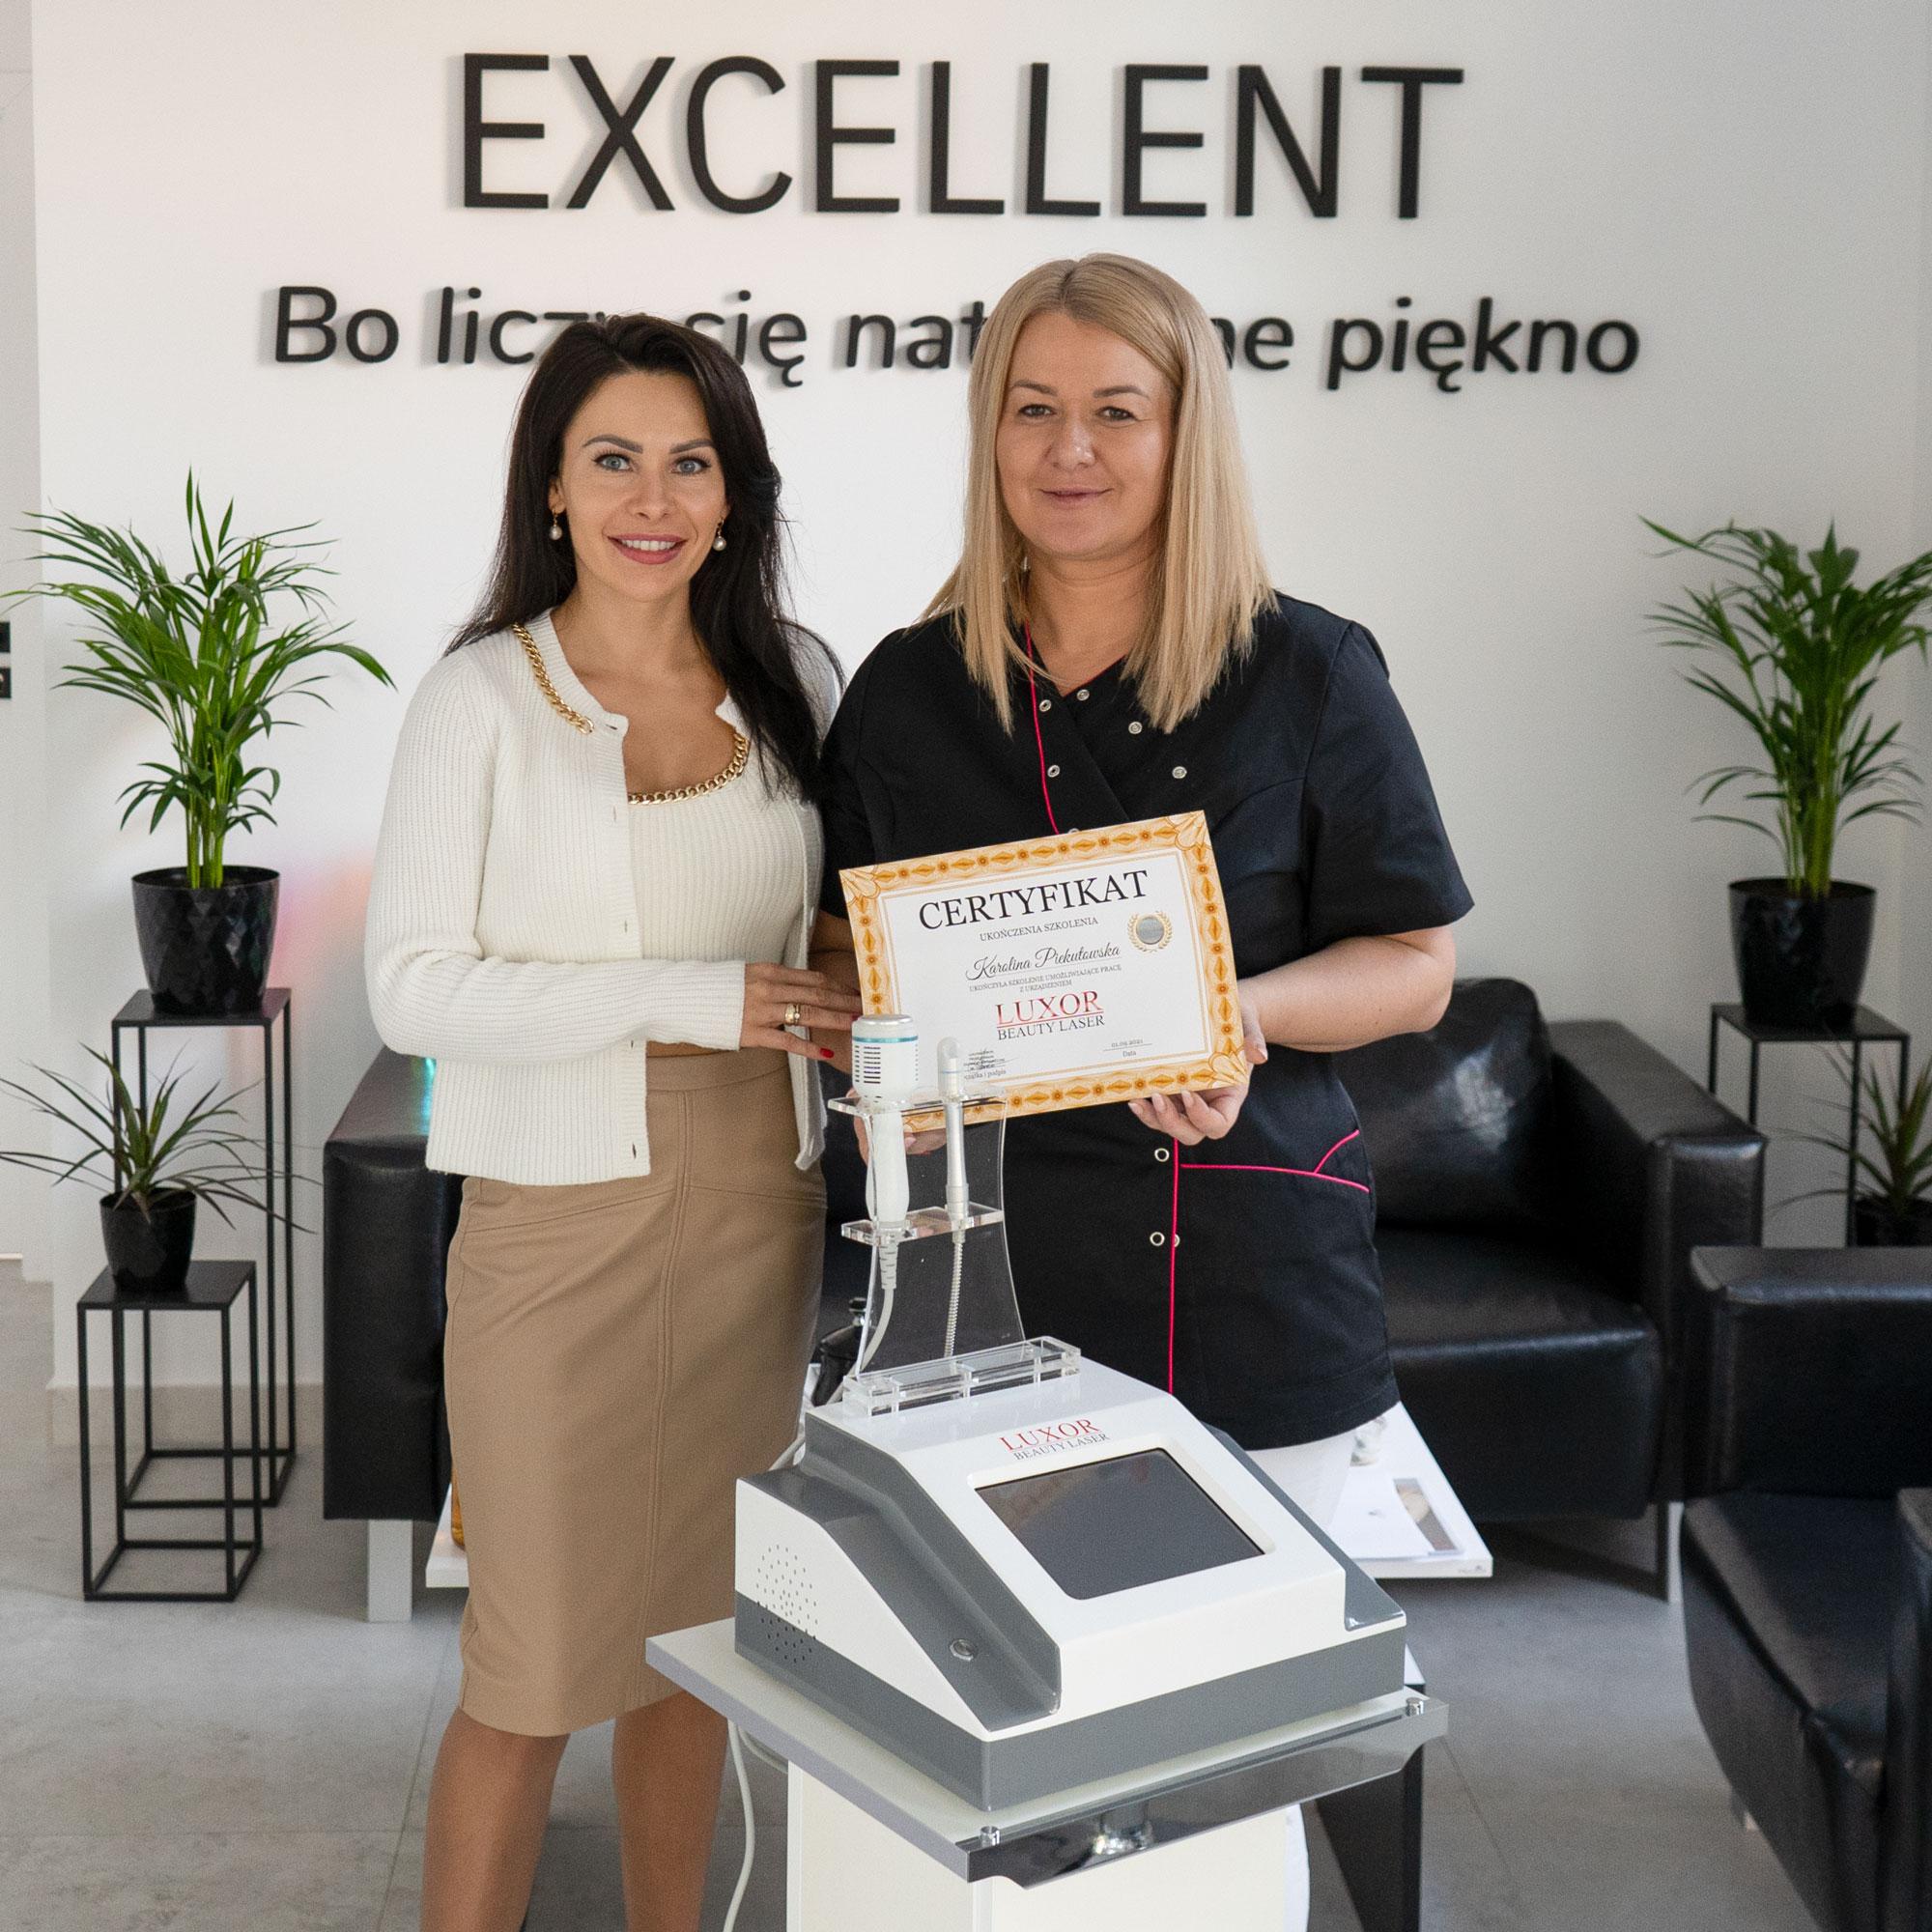 Kolejne szkolenie kosmetologiczne, które odbyło się w miłej atmosferze bez problemów w mieście Ciechanów